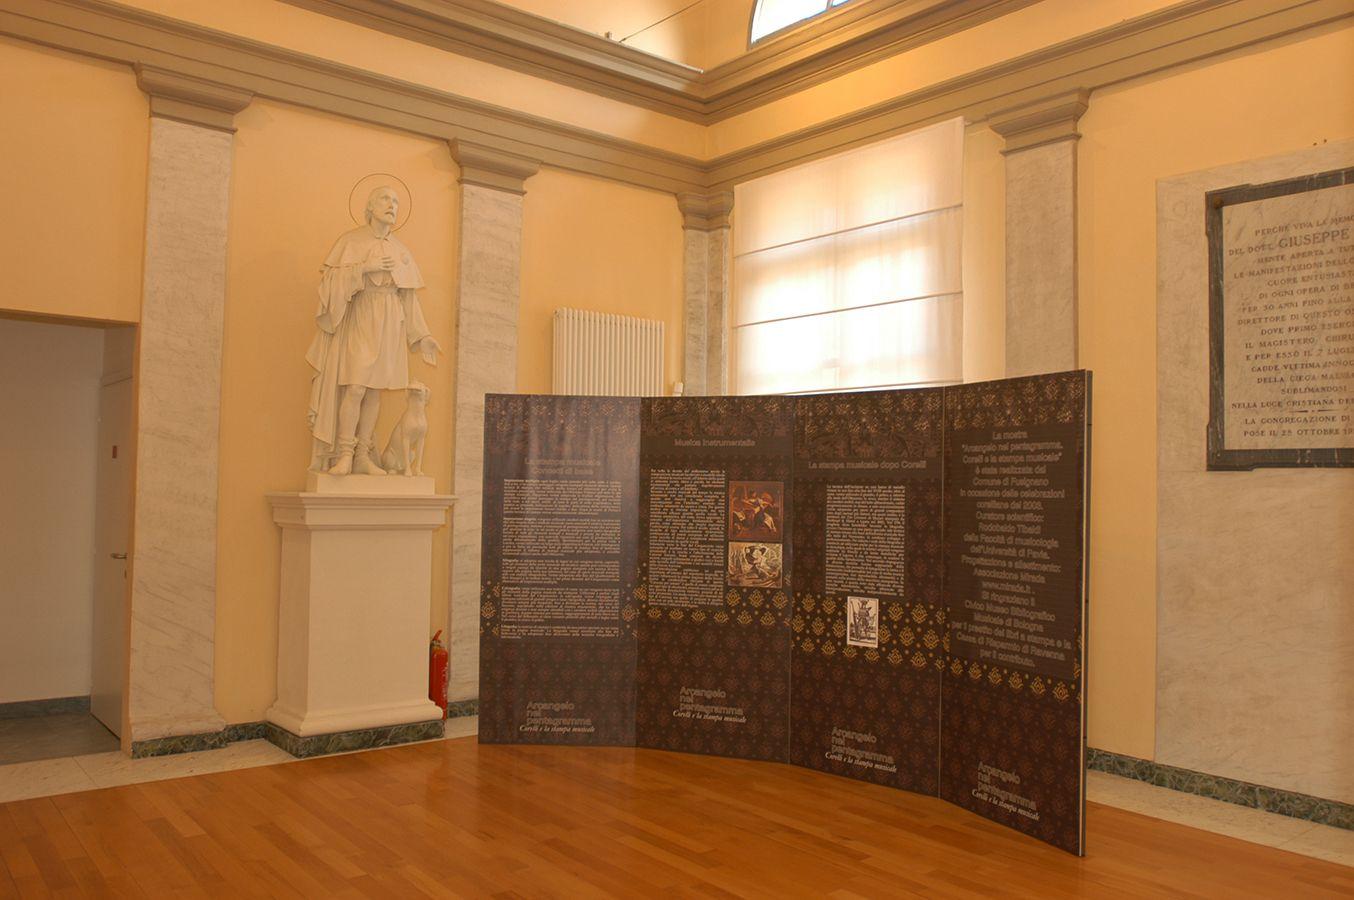 La mostra, organizzata in occasione dei 350 anni che decorrono dalla nascita del musicista e compositore italiano Arcangelo Corelli, realizzata dal Comune di Fusignano, a cura di Rodobaldo Tibaldi e progettata dall'associazione culturale Mirada.